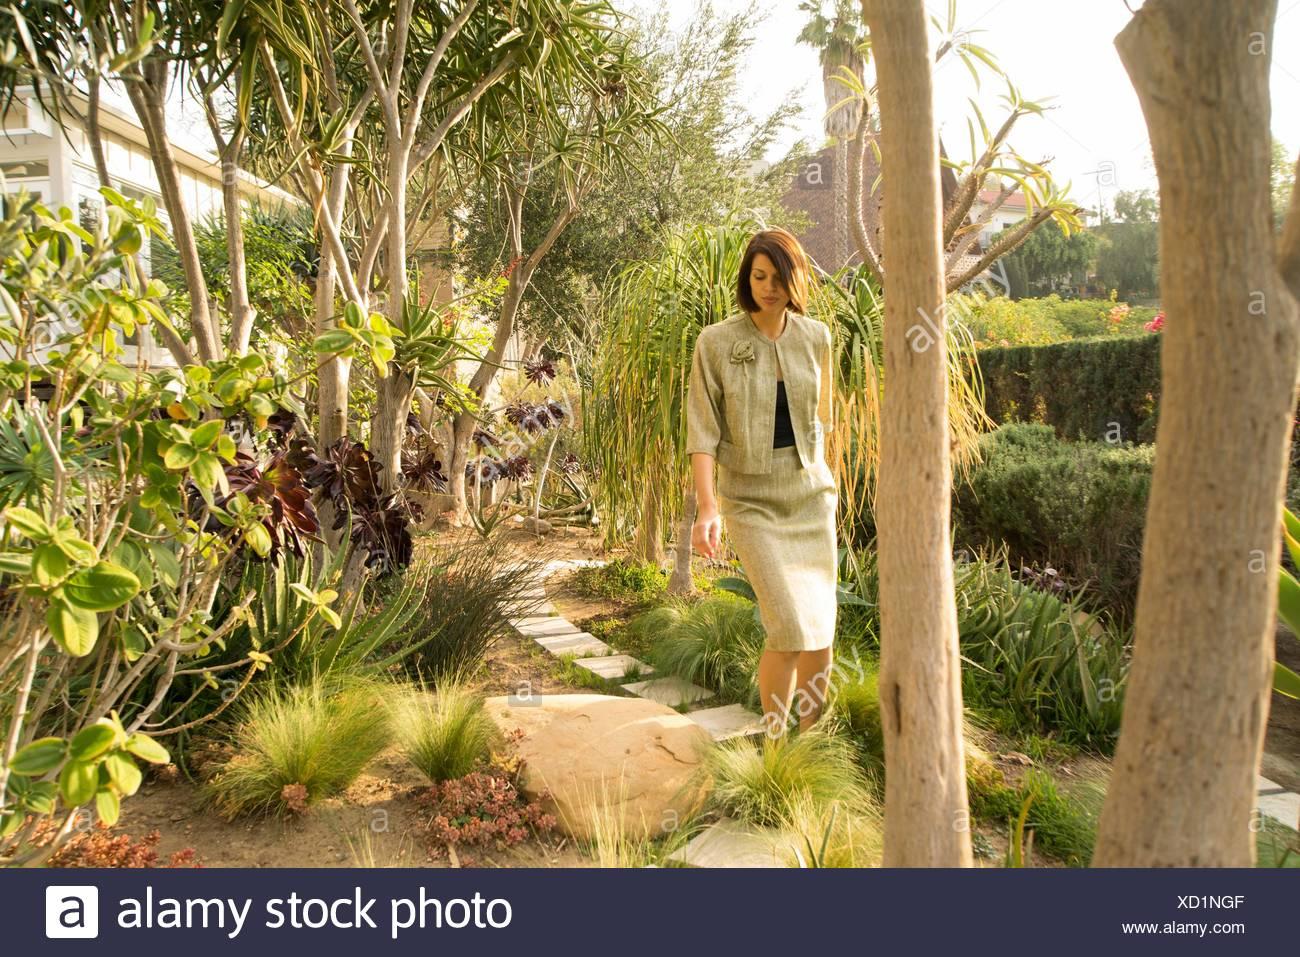 Anspruchsvolle Mitte Erwachsene Frau einen Spaziergang im Garten Stockbild